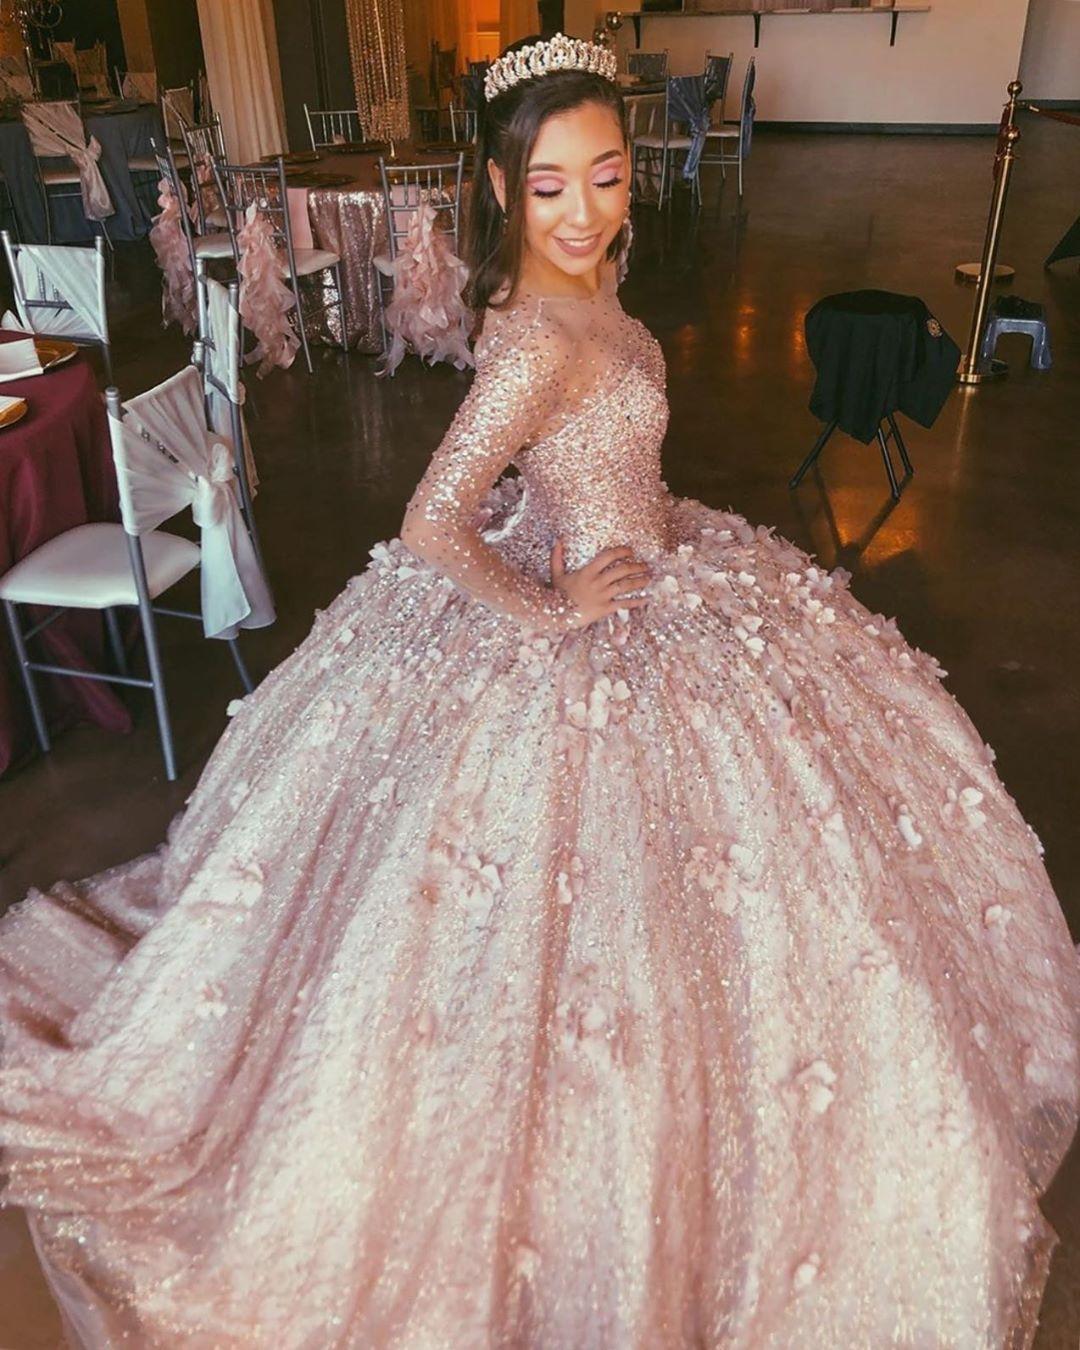 Erstaunlich Rose Gold mit langen Ärmeln 3D Blume Quinceanera Abendkleider Ballkleid wulstige Illusion Abend-formale Kleider Bonbon 16 Vestidos De-Kleid